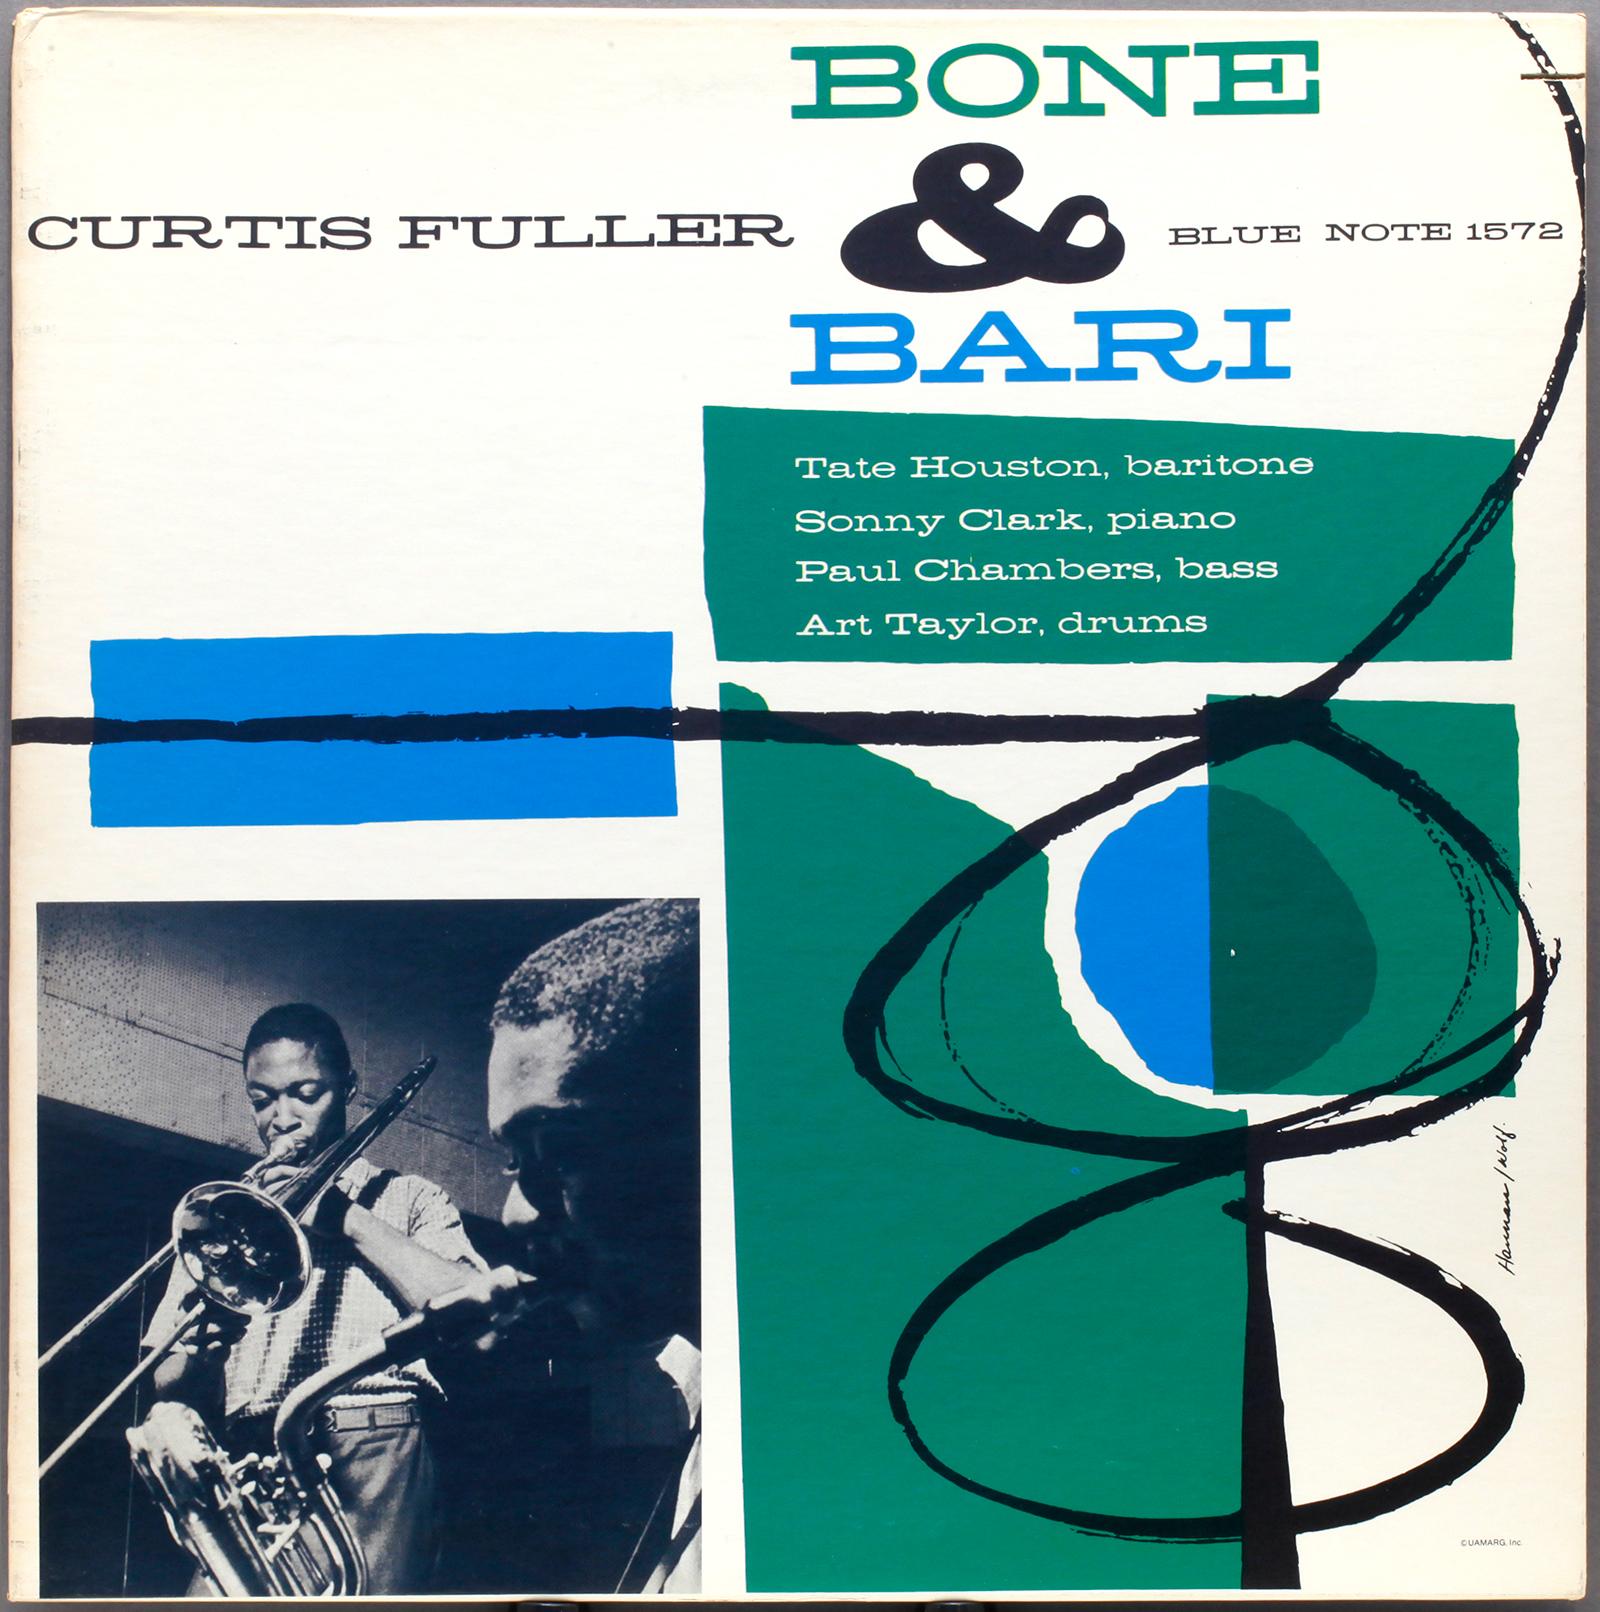 Curtis Fuller Bone And Bari 1957 Divua Londonjazzcollector